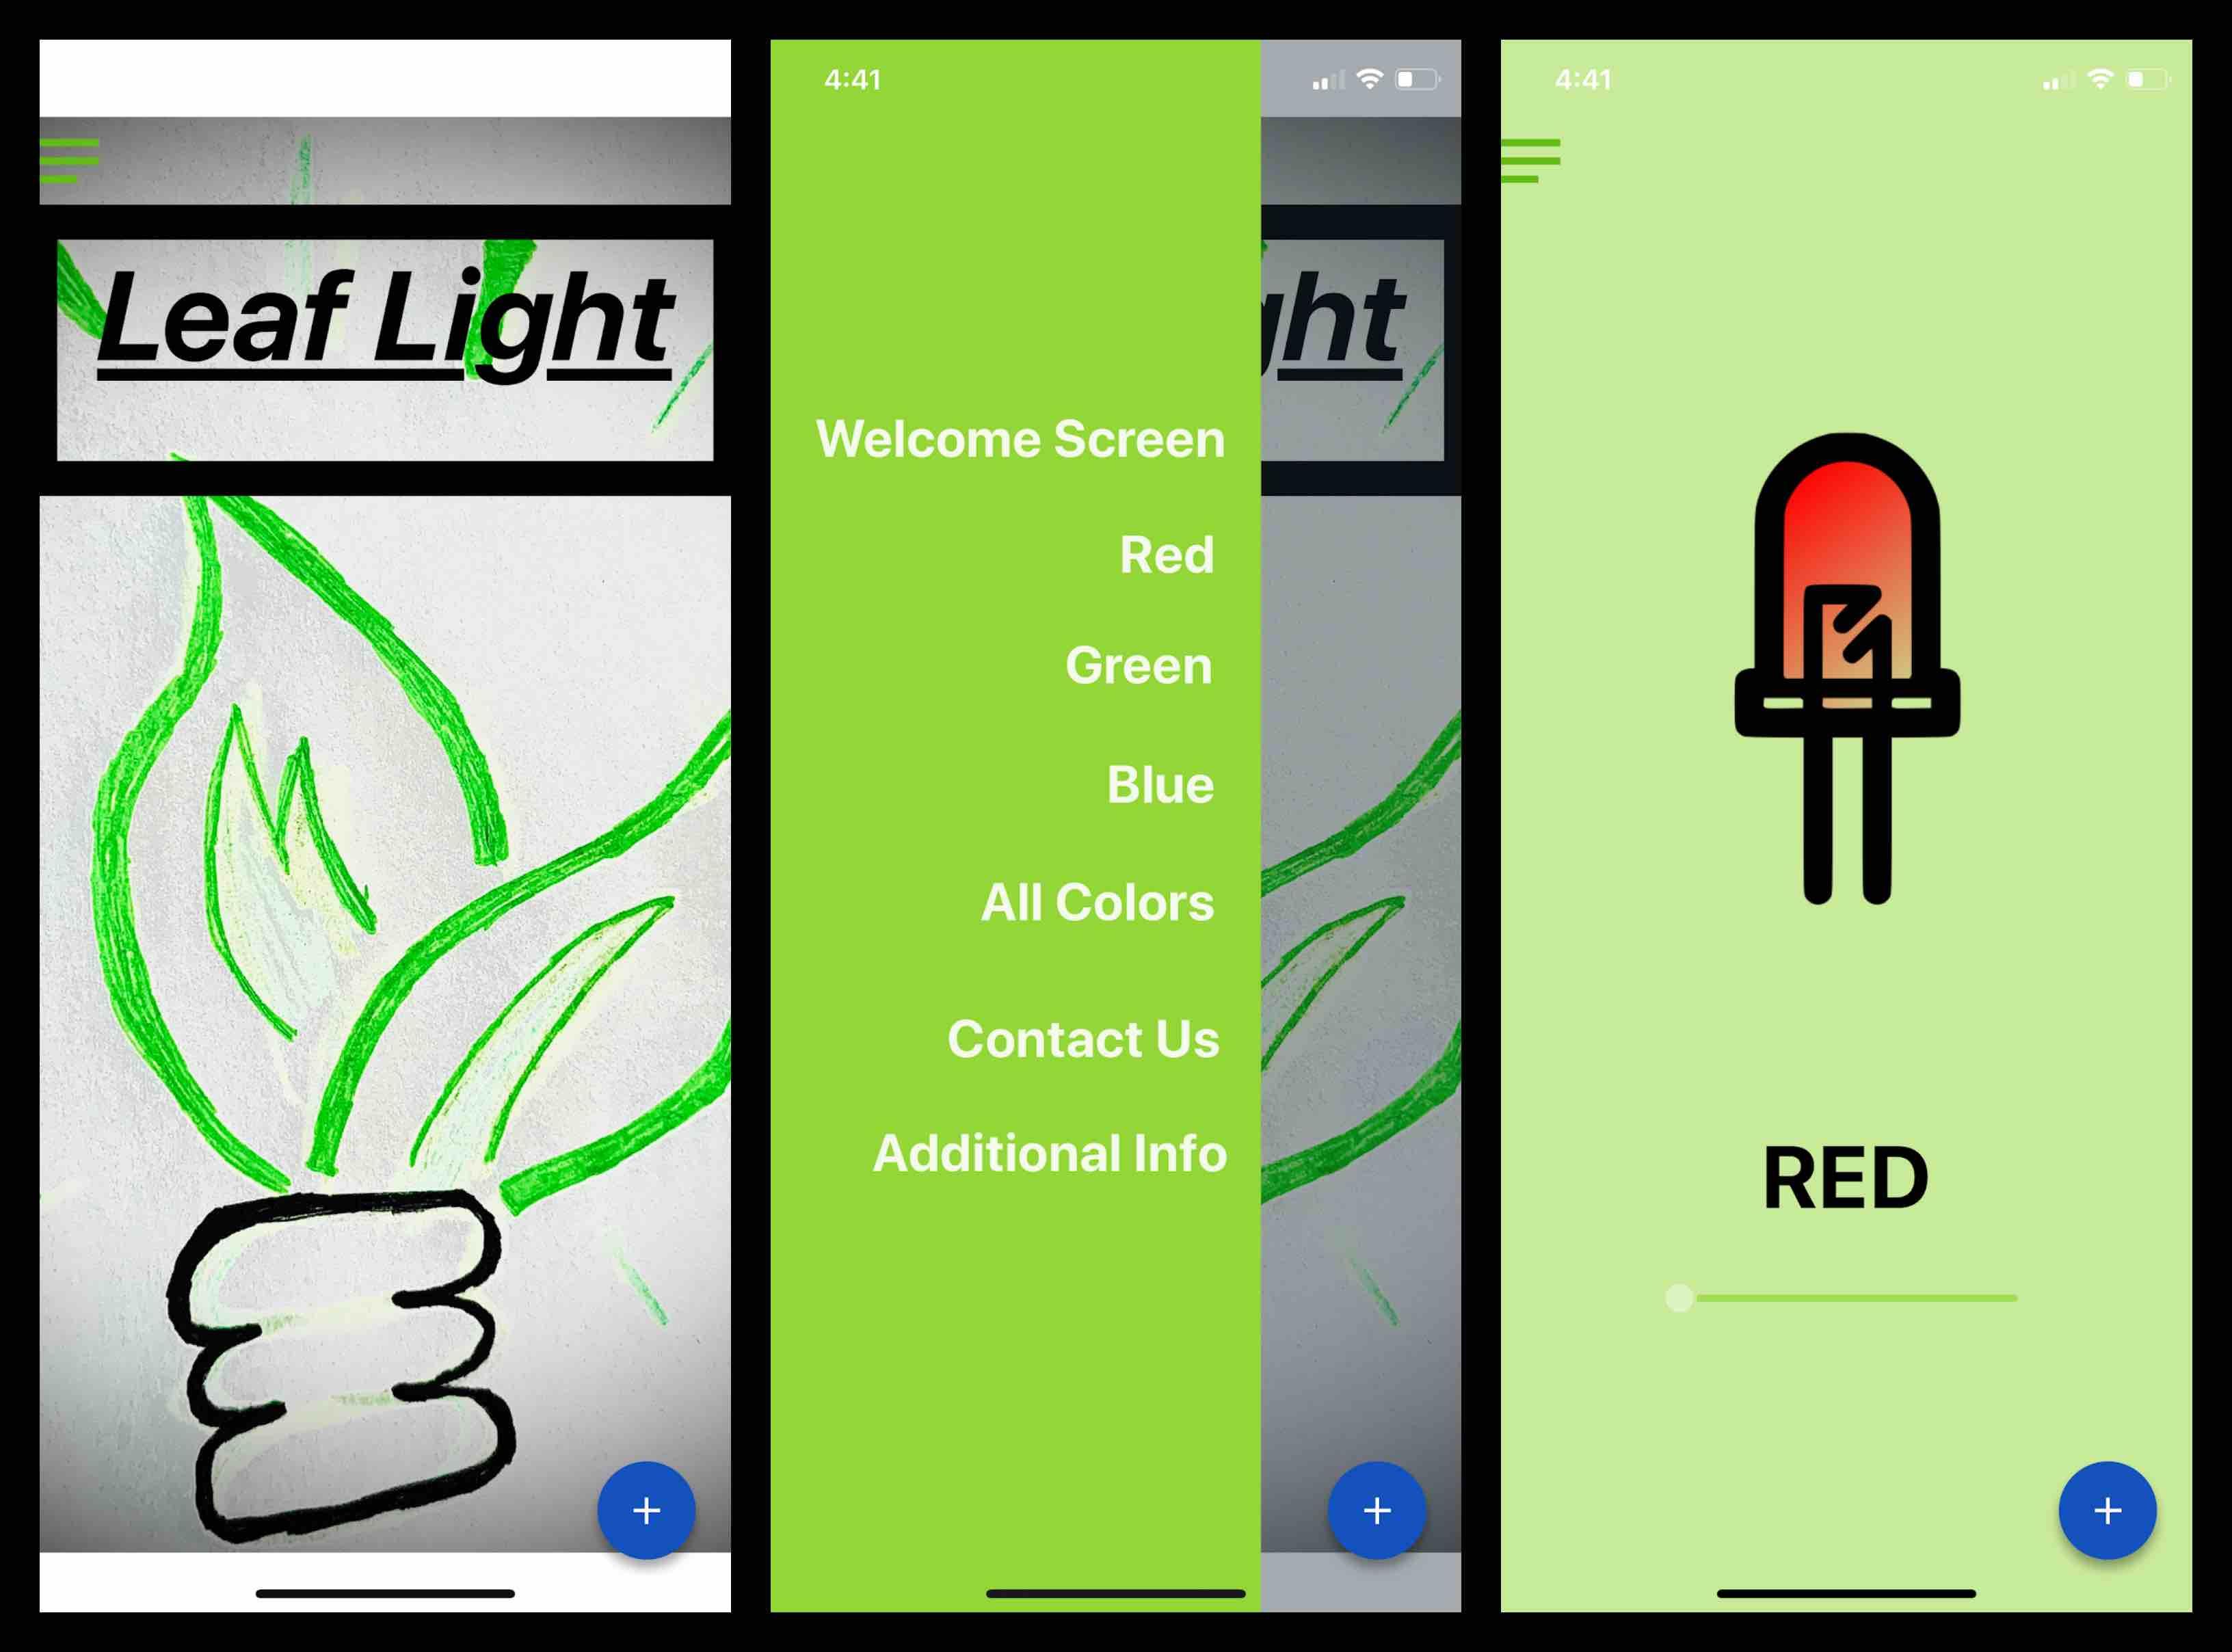 docs/images/week13/AppHivePhoneScreenChange.jpg